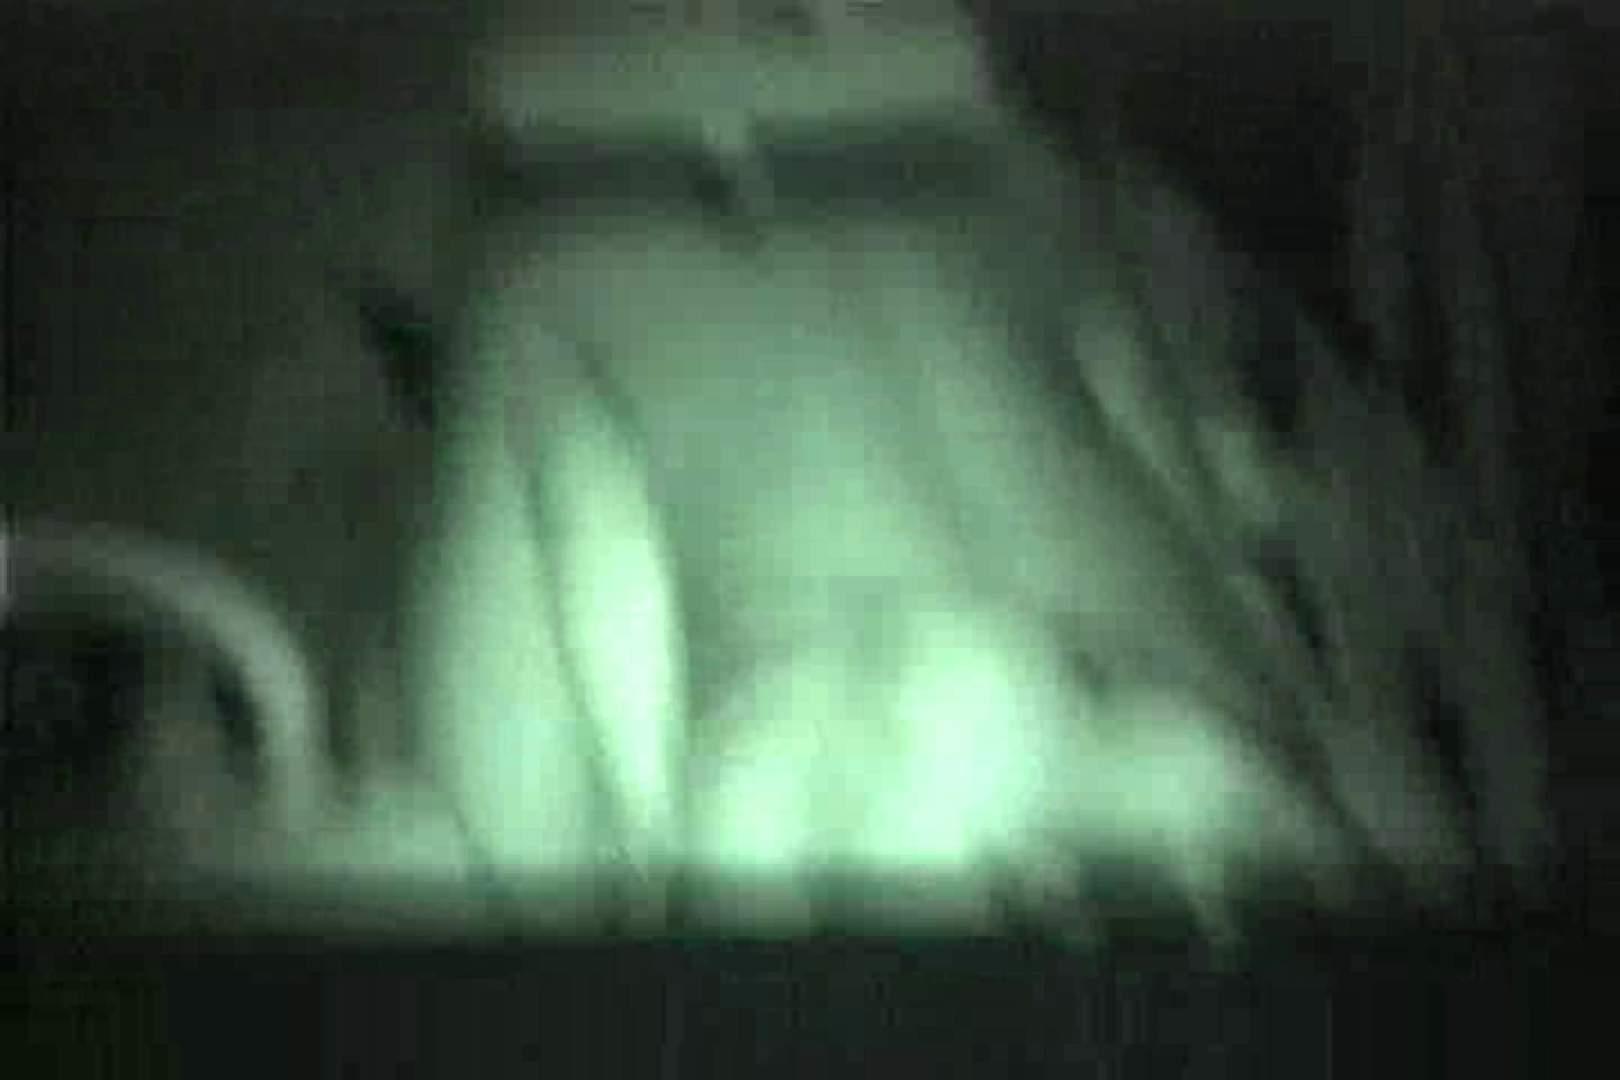 車の中はラブホテル 無修正版  Vol.9 ラブホテル  58pic 55